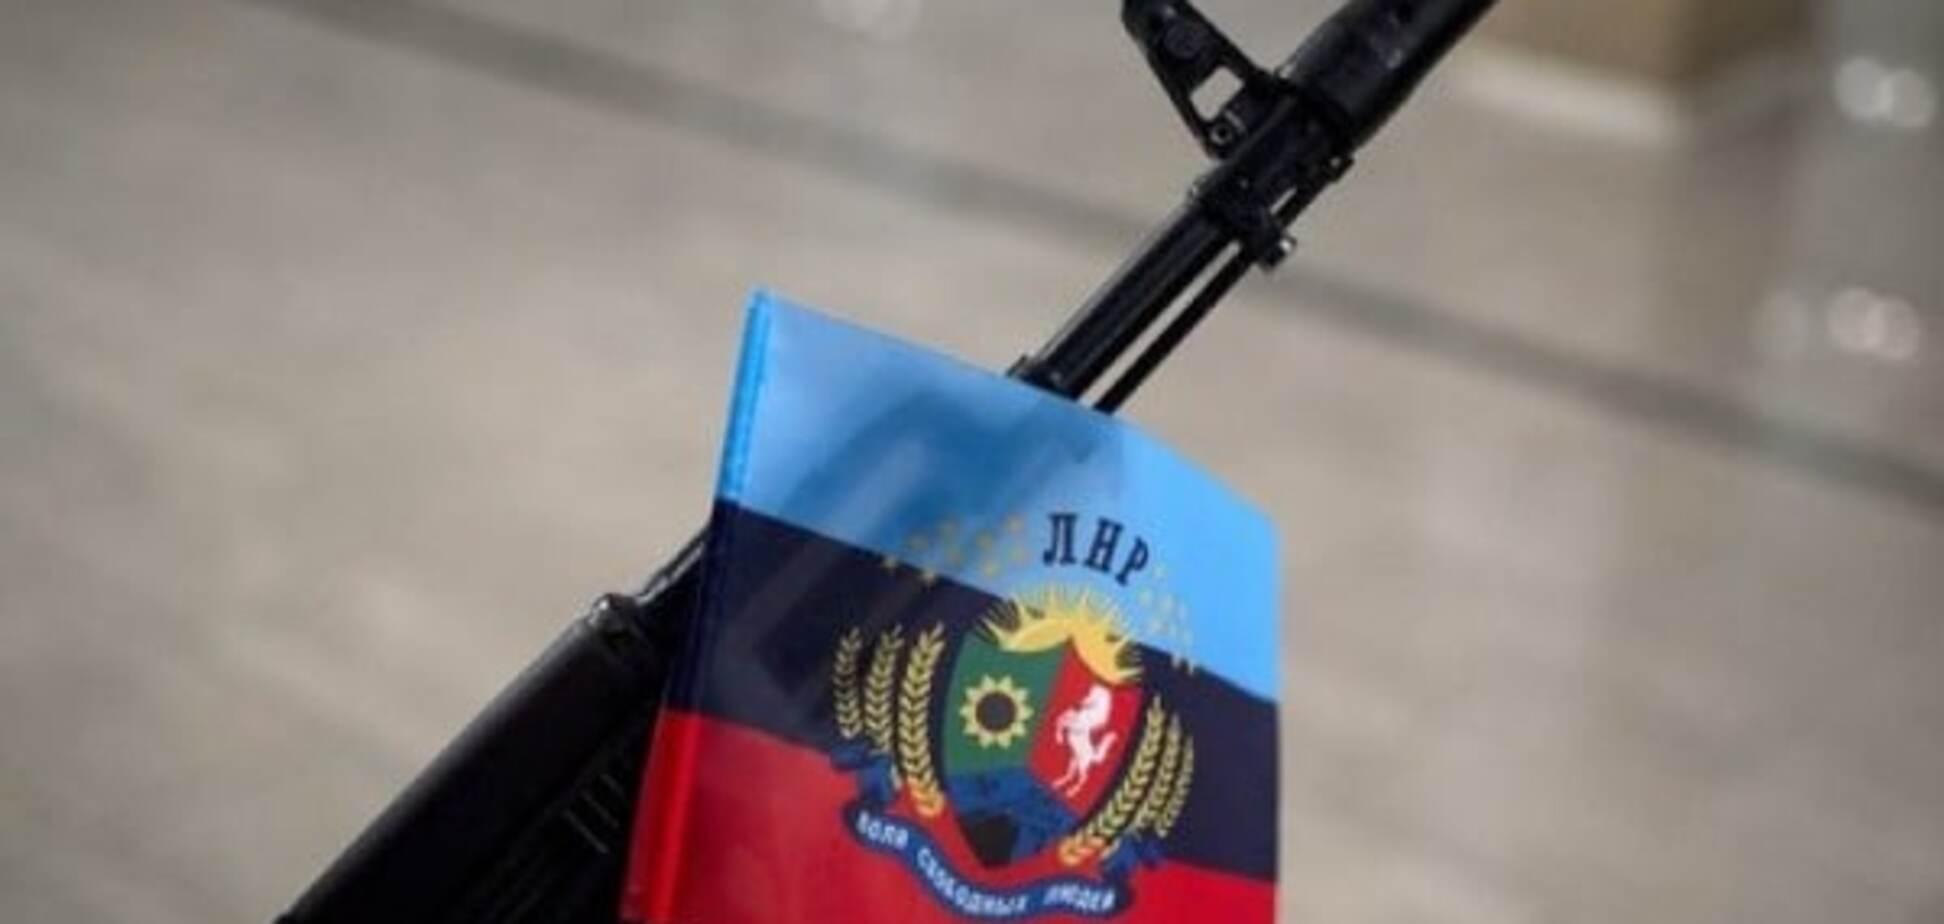 Луганчане превратили себя в крепостных, судьбу которых решают в Минске - журналист